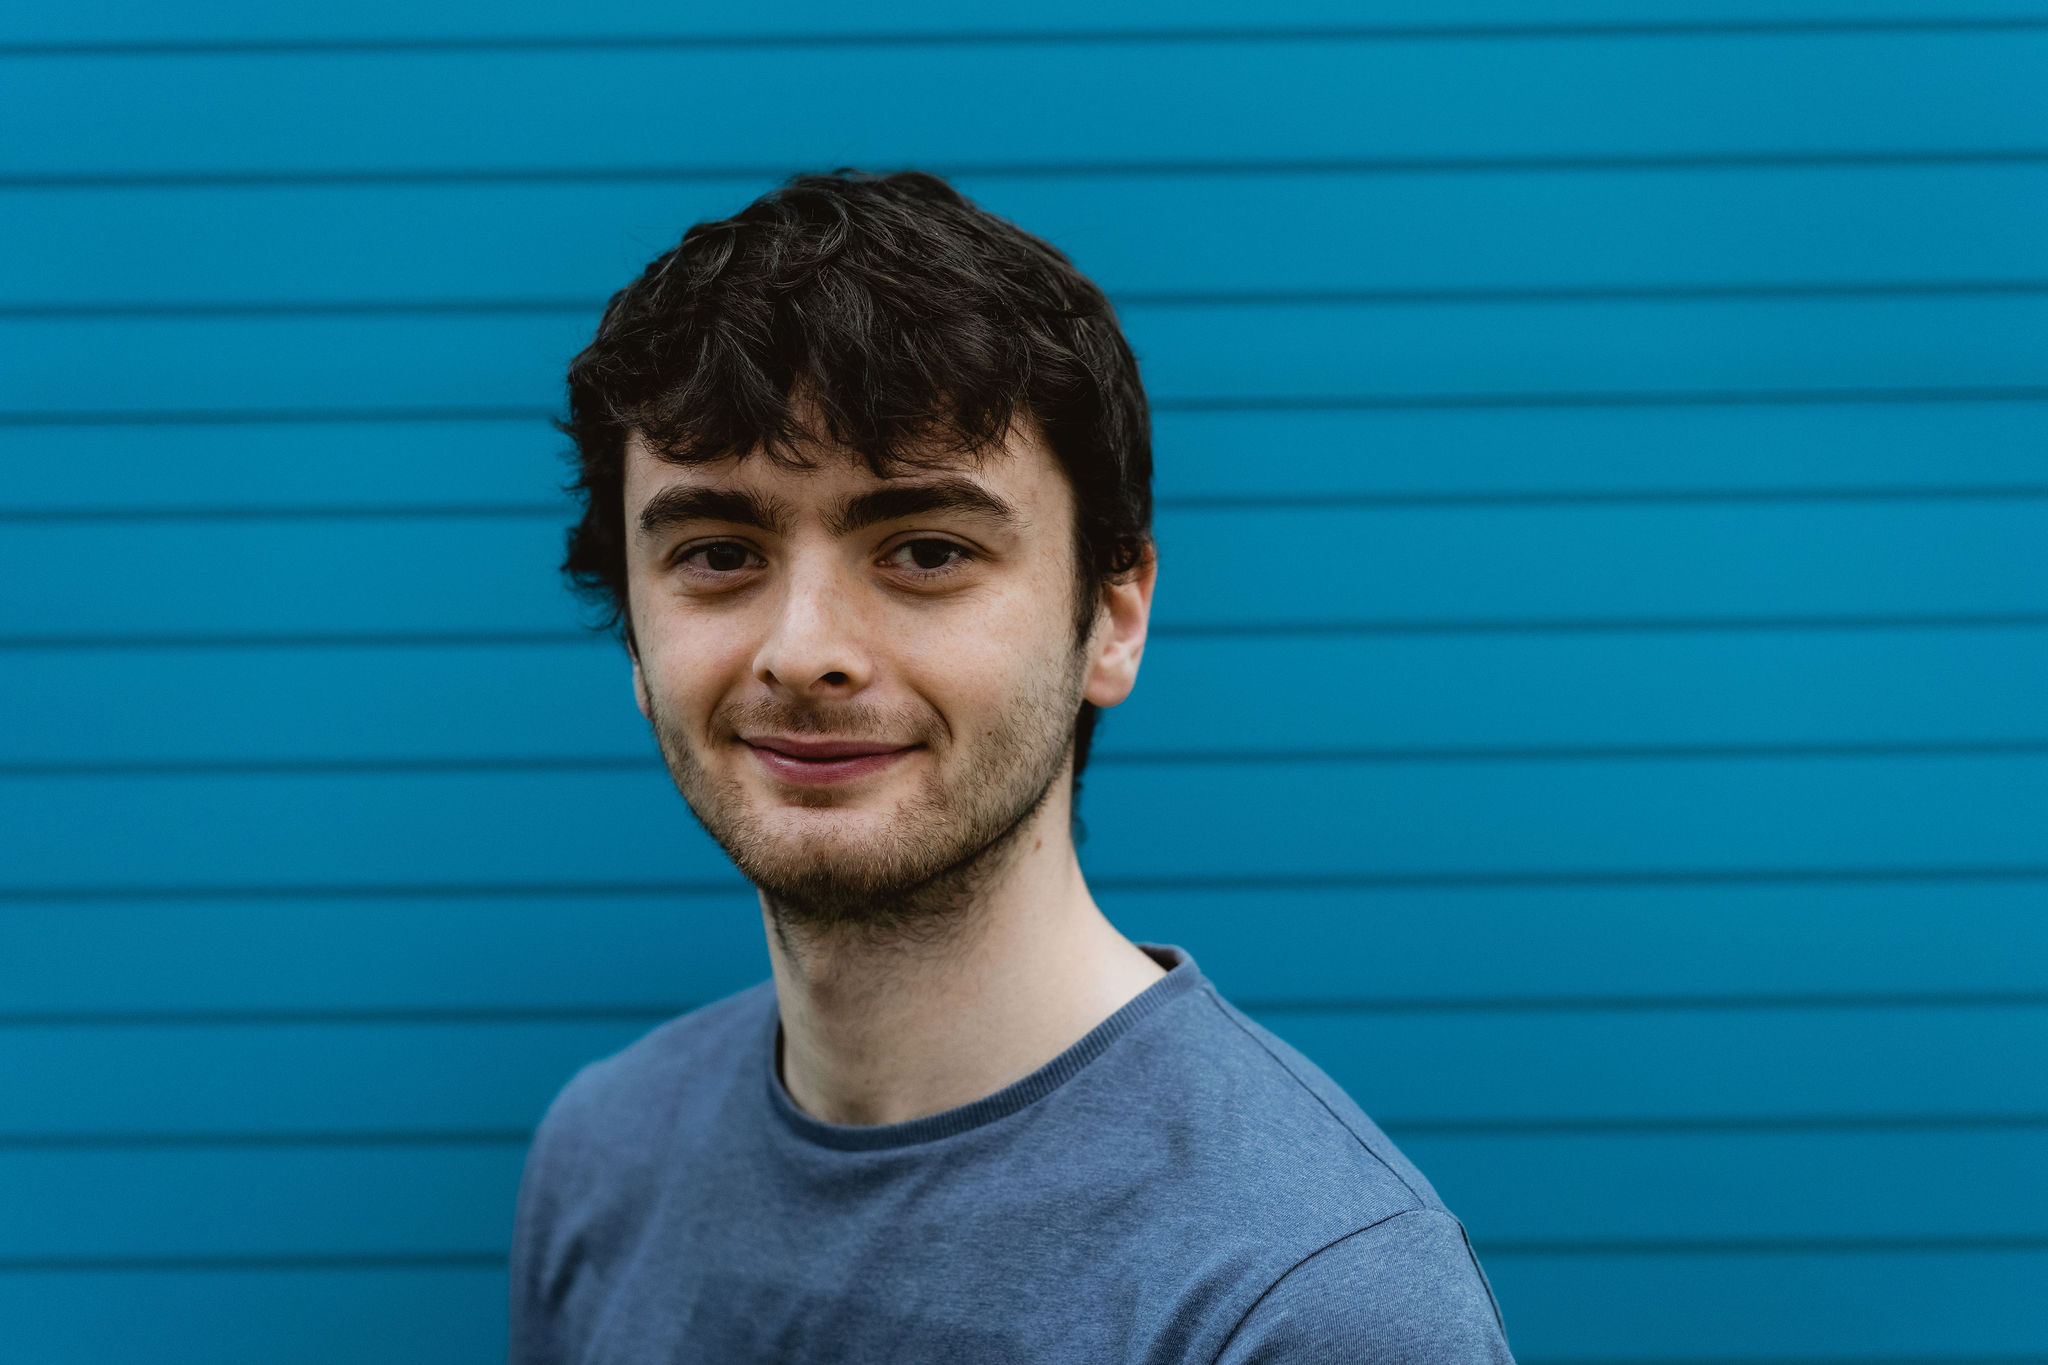 Dominik Howanietz - Digital Marketing Intern